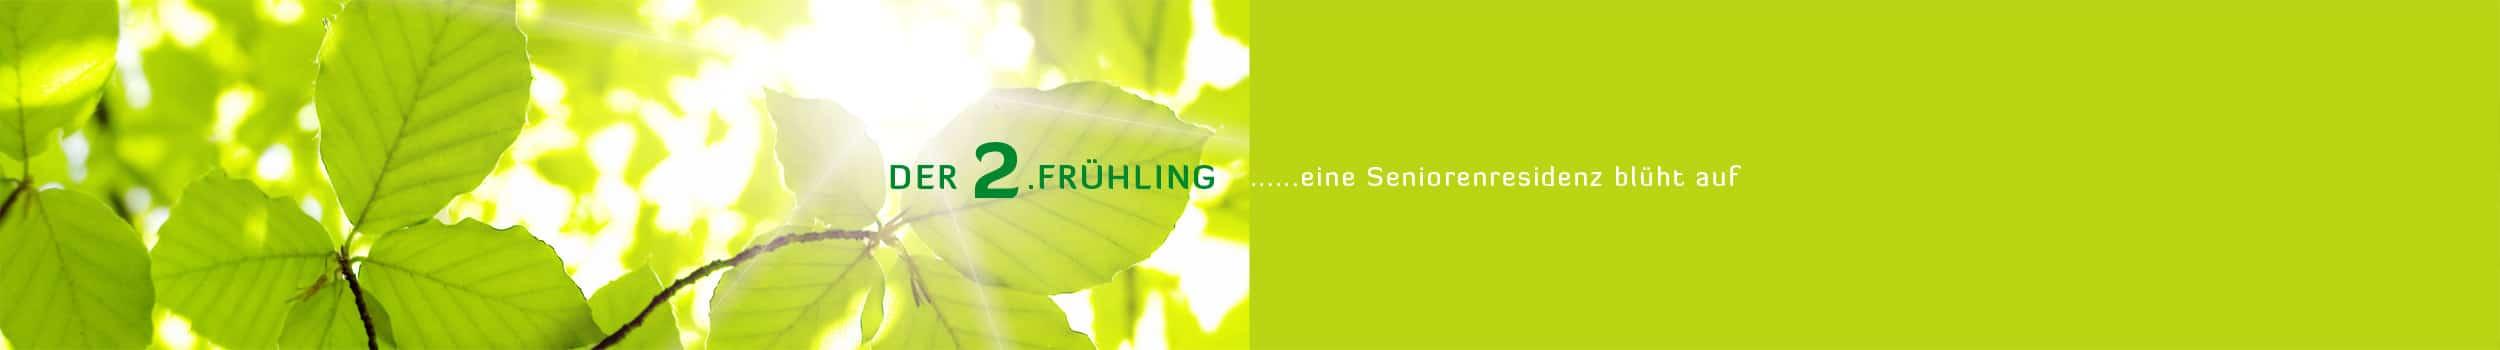 Senioren_Slide11